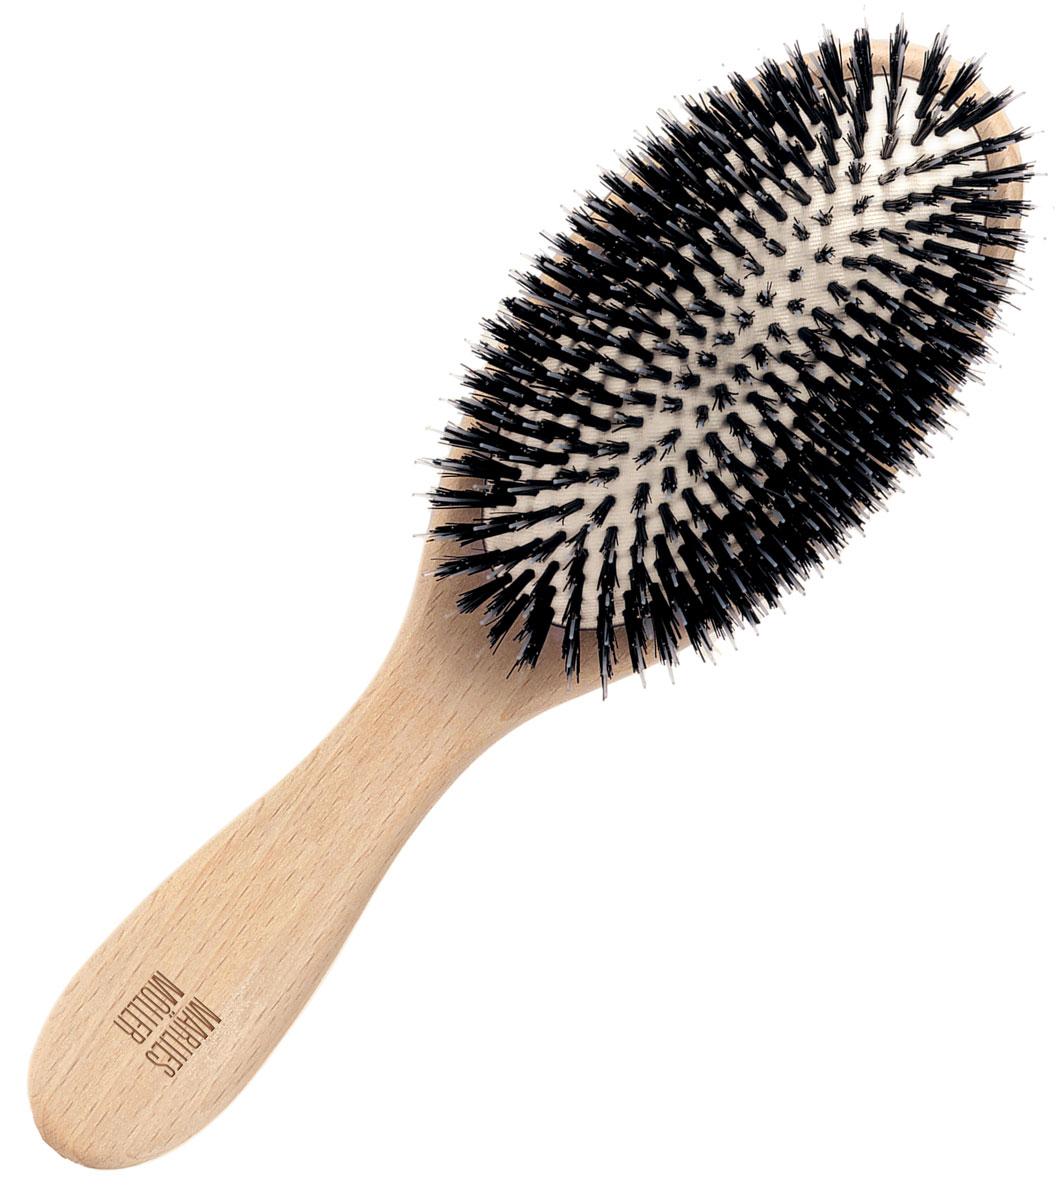 Marlies Moller Щетка для волос, очищающая, маленькая marlies moller щетка массажная маленькая